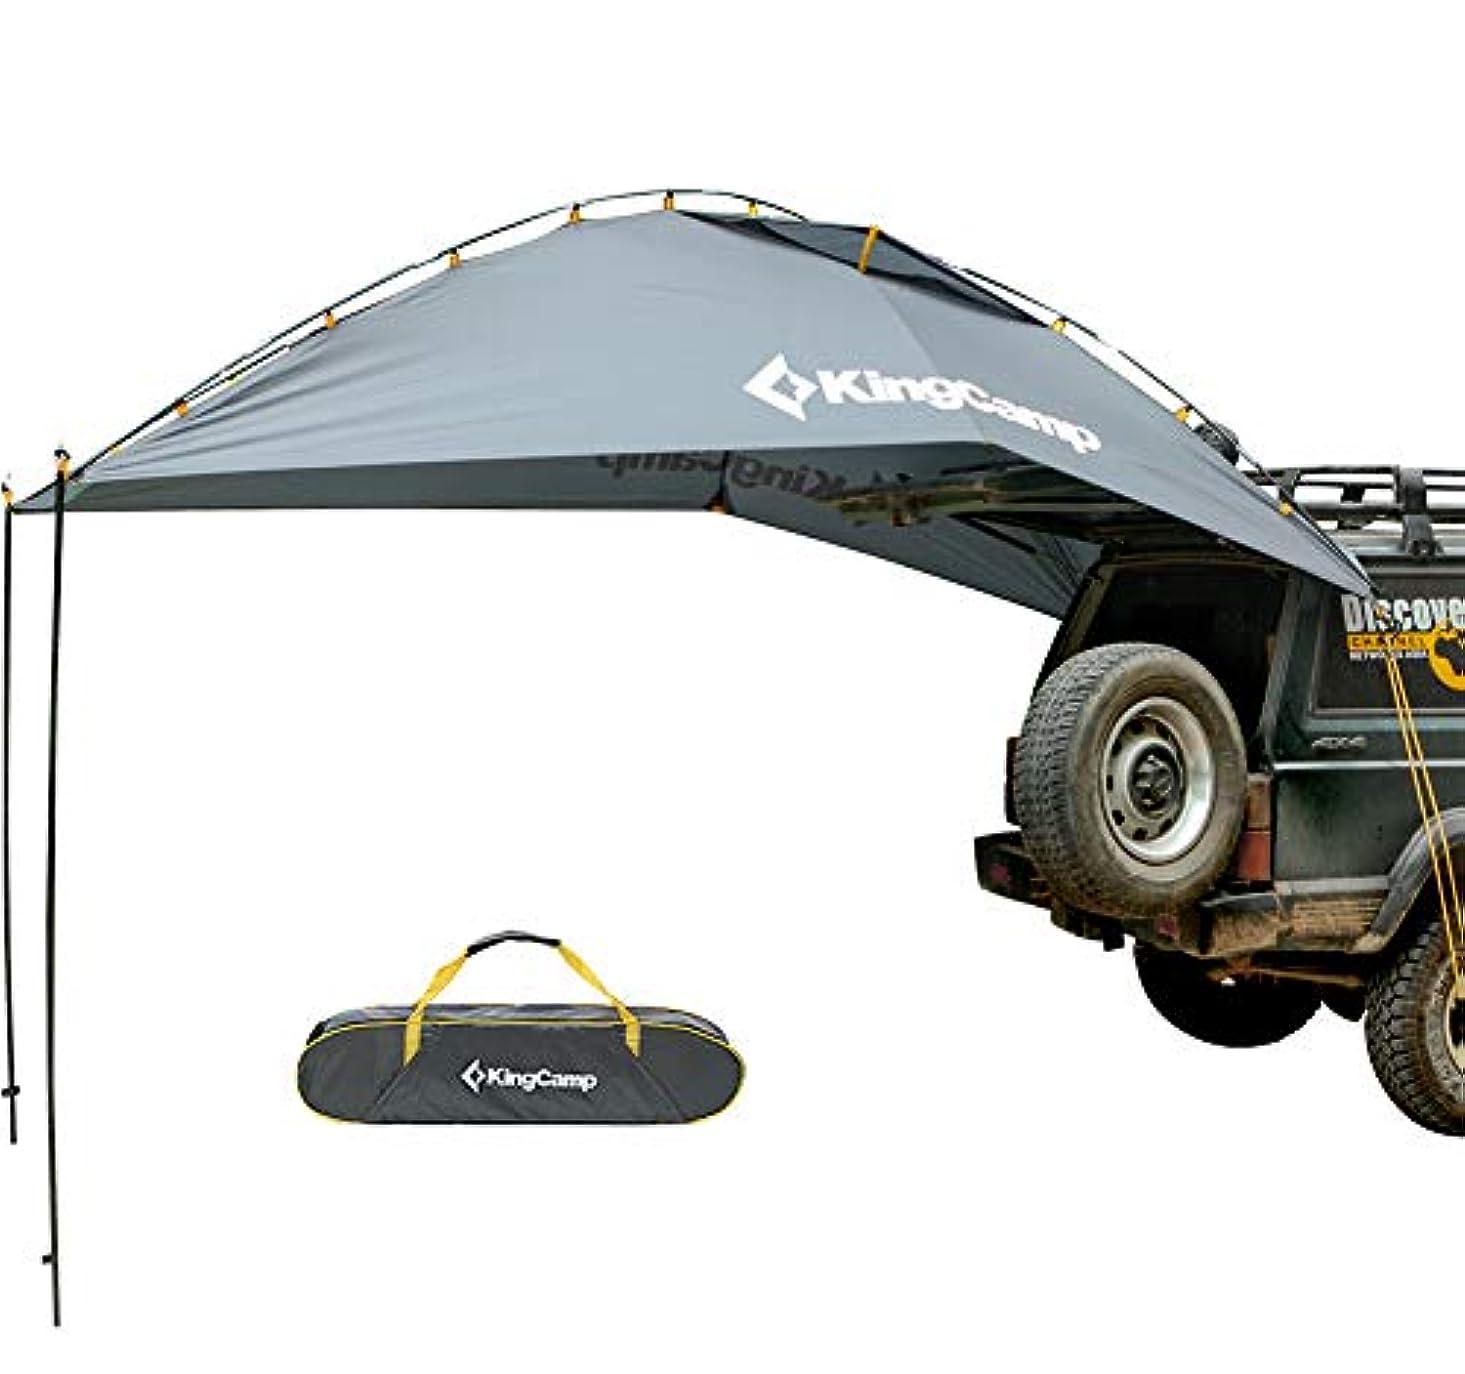 ラテン依存爆風KingCamp タープ テント 車用 日よけテント 様々な車に対応 カーサイドタープ 単体使用可能 キャンプ テント 簡単設営 収納袋付き KT3086